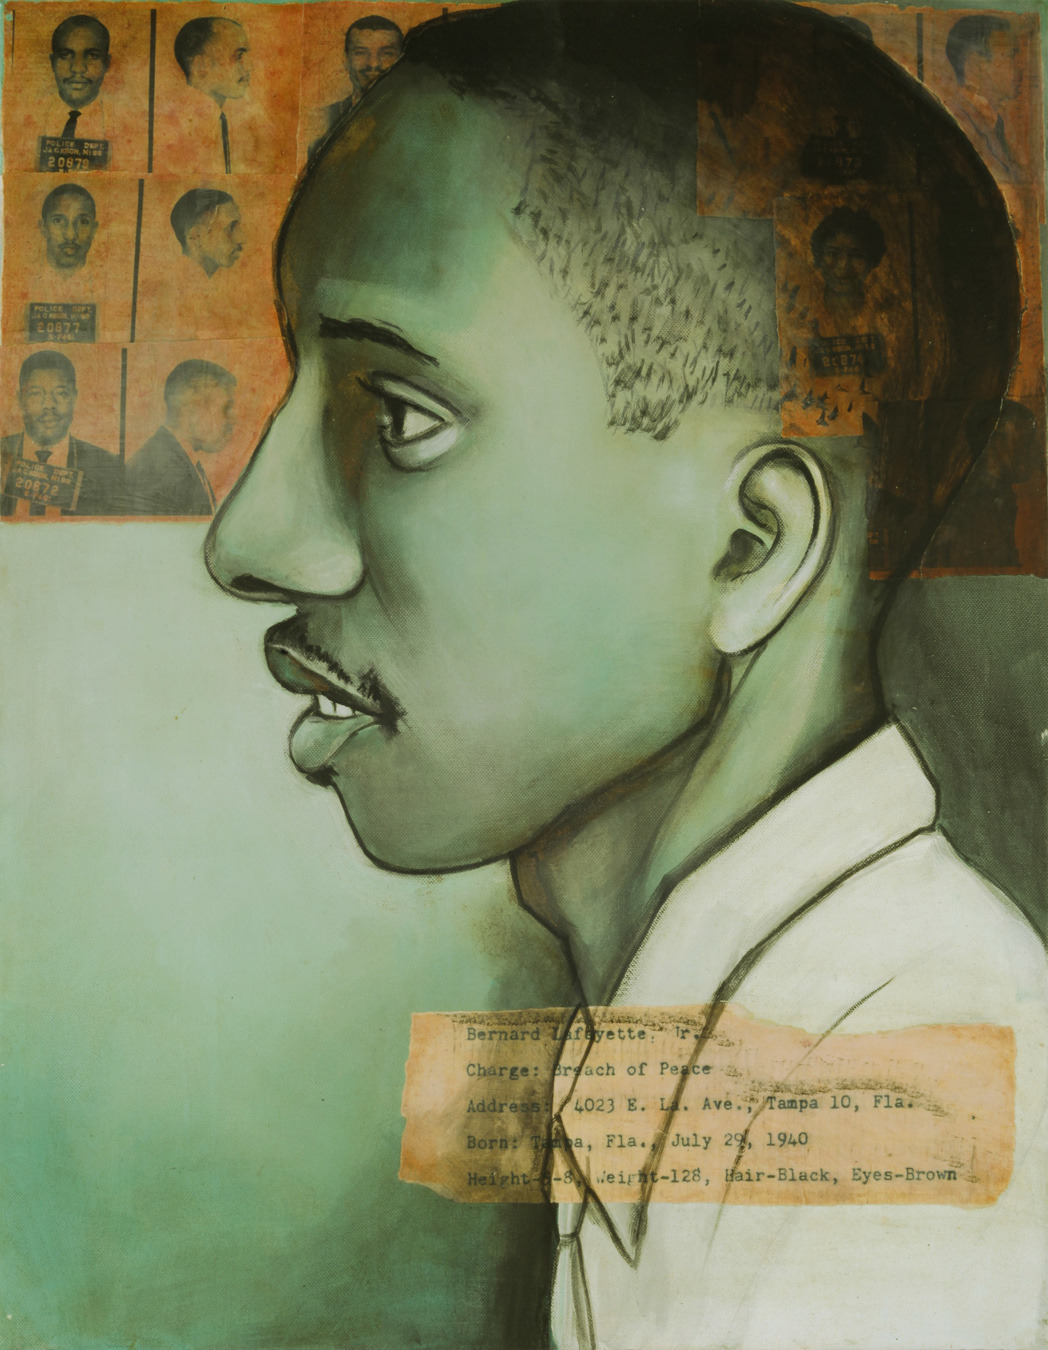 Arrested May 24, 1961 in Jackson, MS: Bernard Lafayette Jr